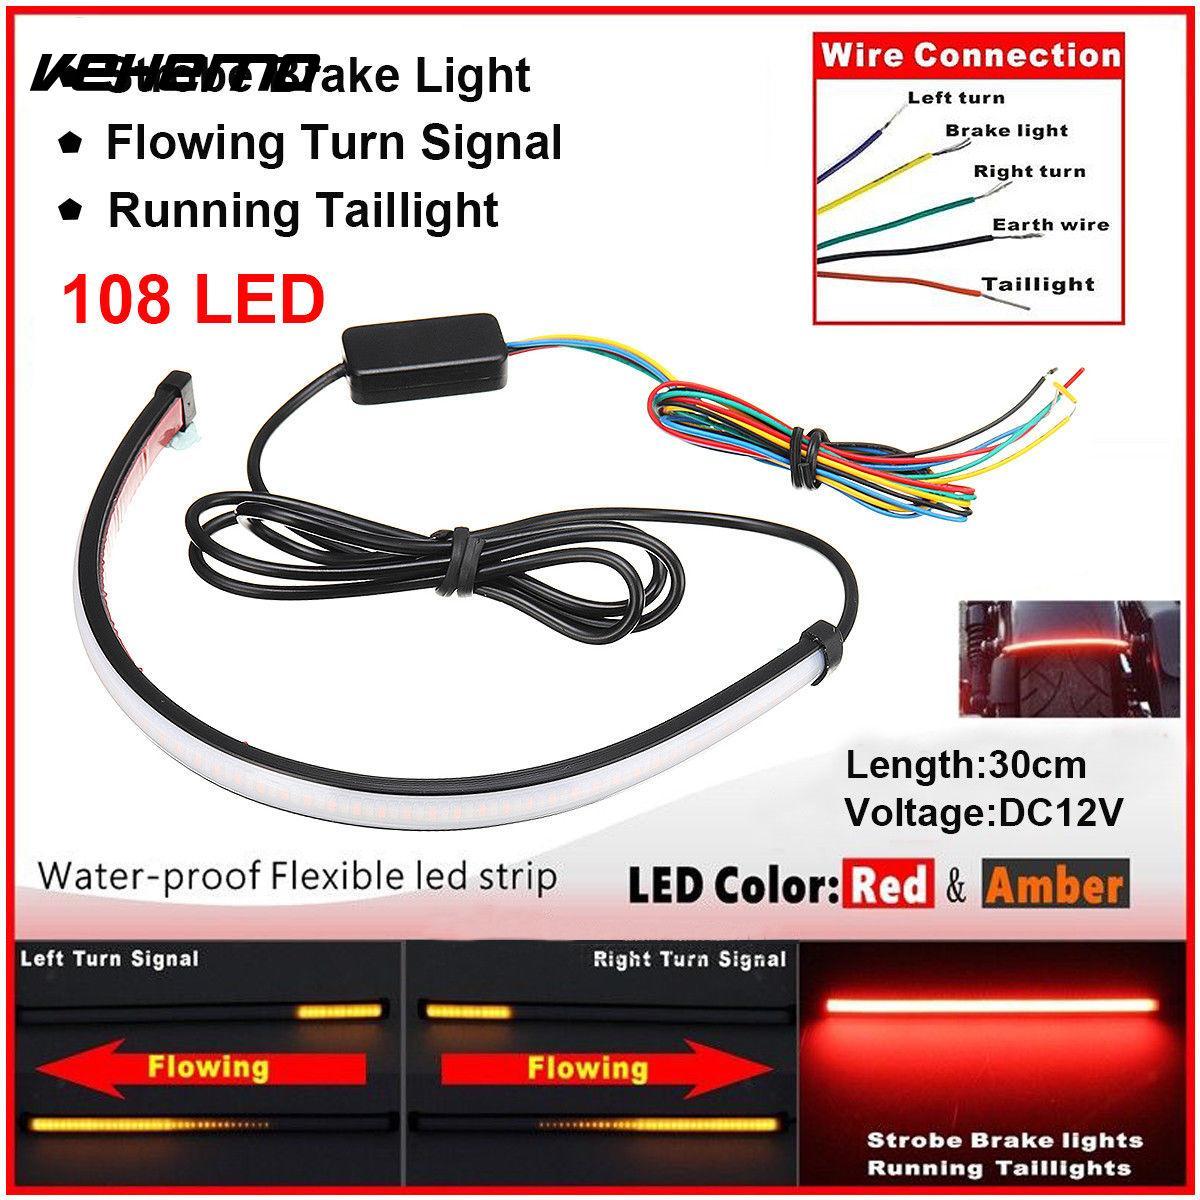 Vehemo Che Scorre LED Indicatore luminoso di Segnale Lampada Refit Turn Luce di Segnale Sequenziale Switchback Moto Durevole di Ricambio